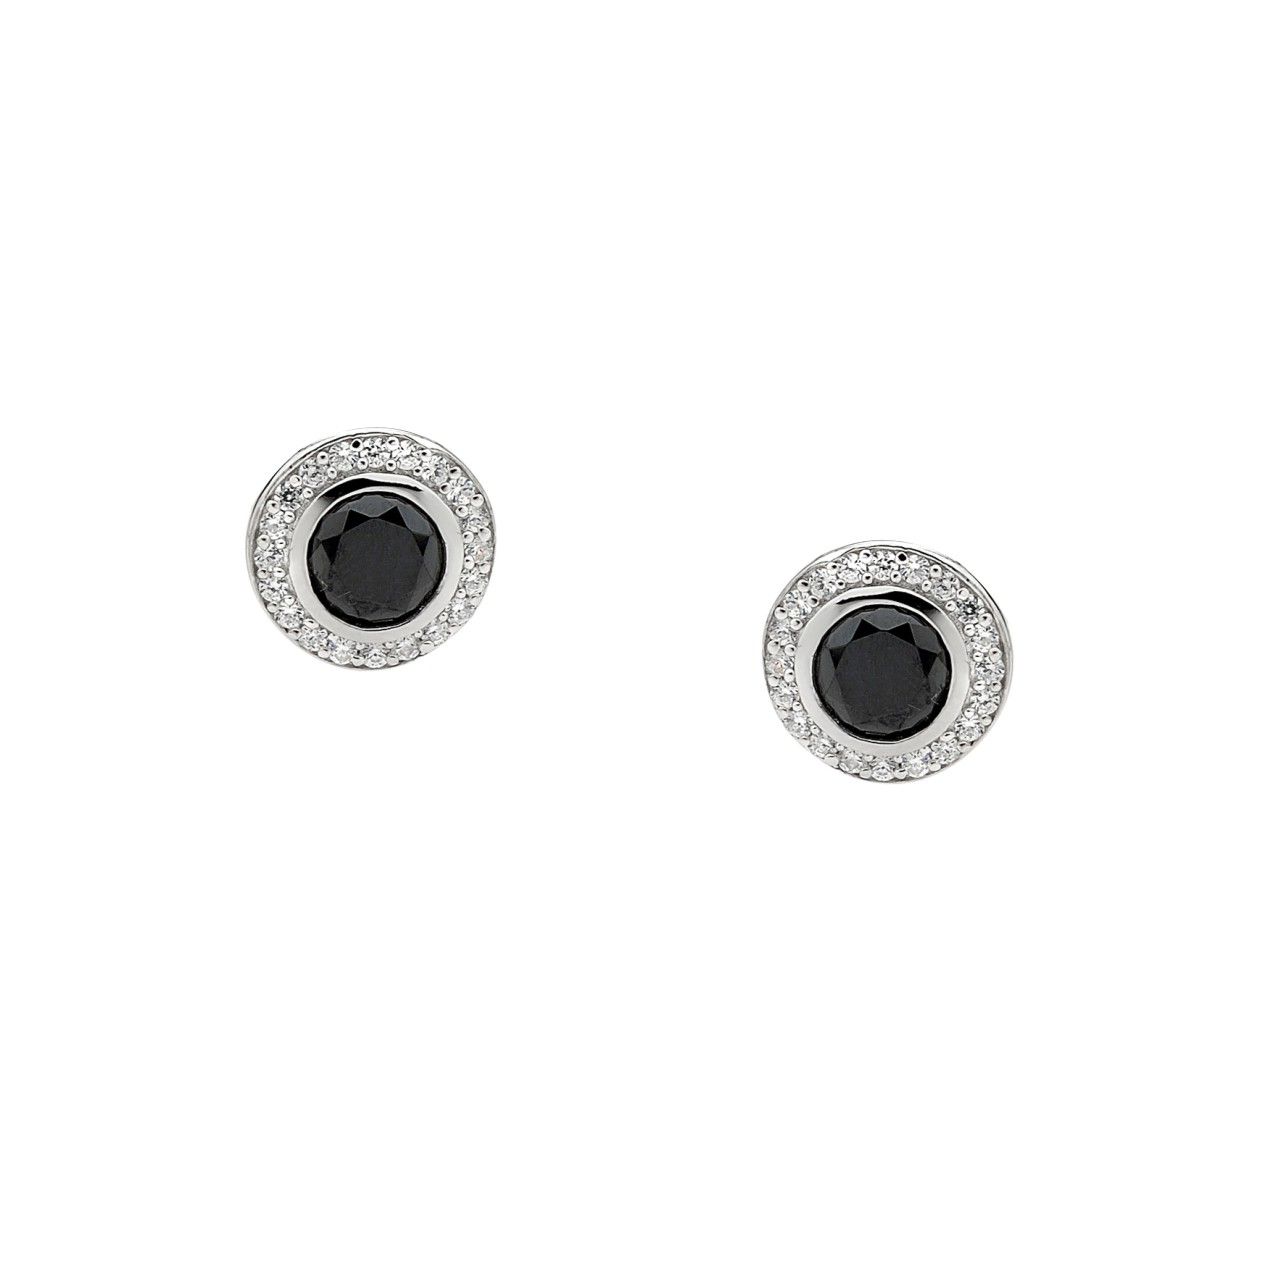 Black CZ Silver Stud Earrings